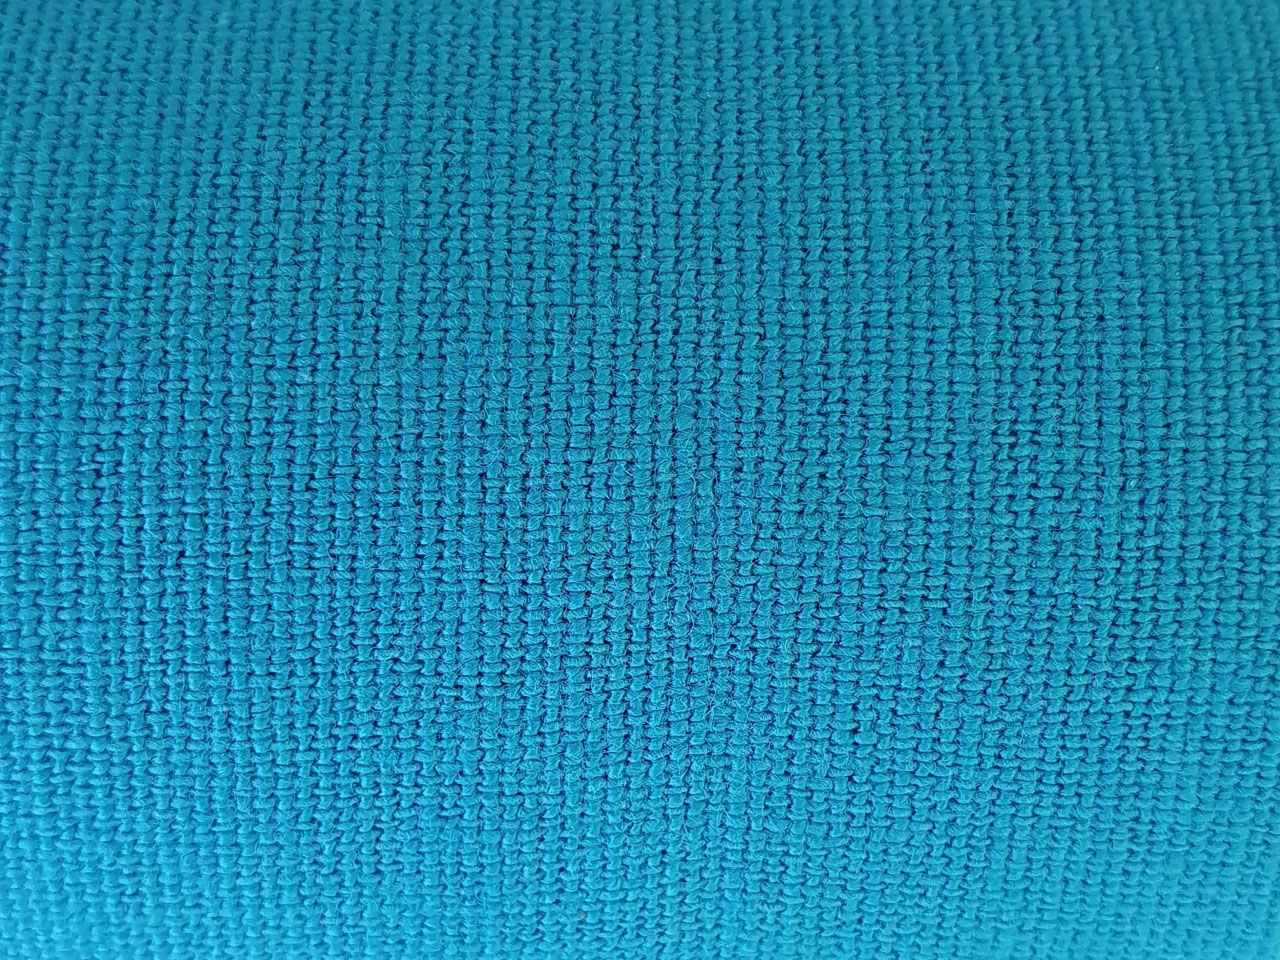 KinesioTejp 50mm x 5m Blå från sportdoc närbild